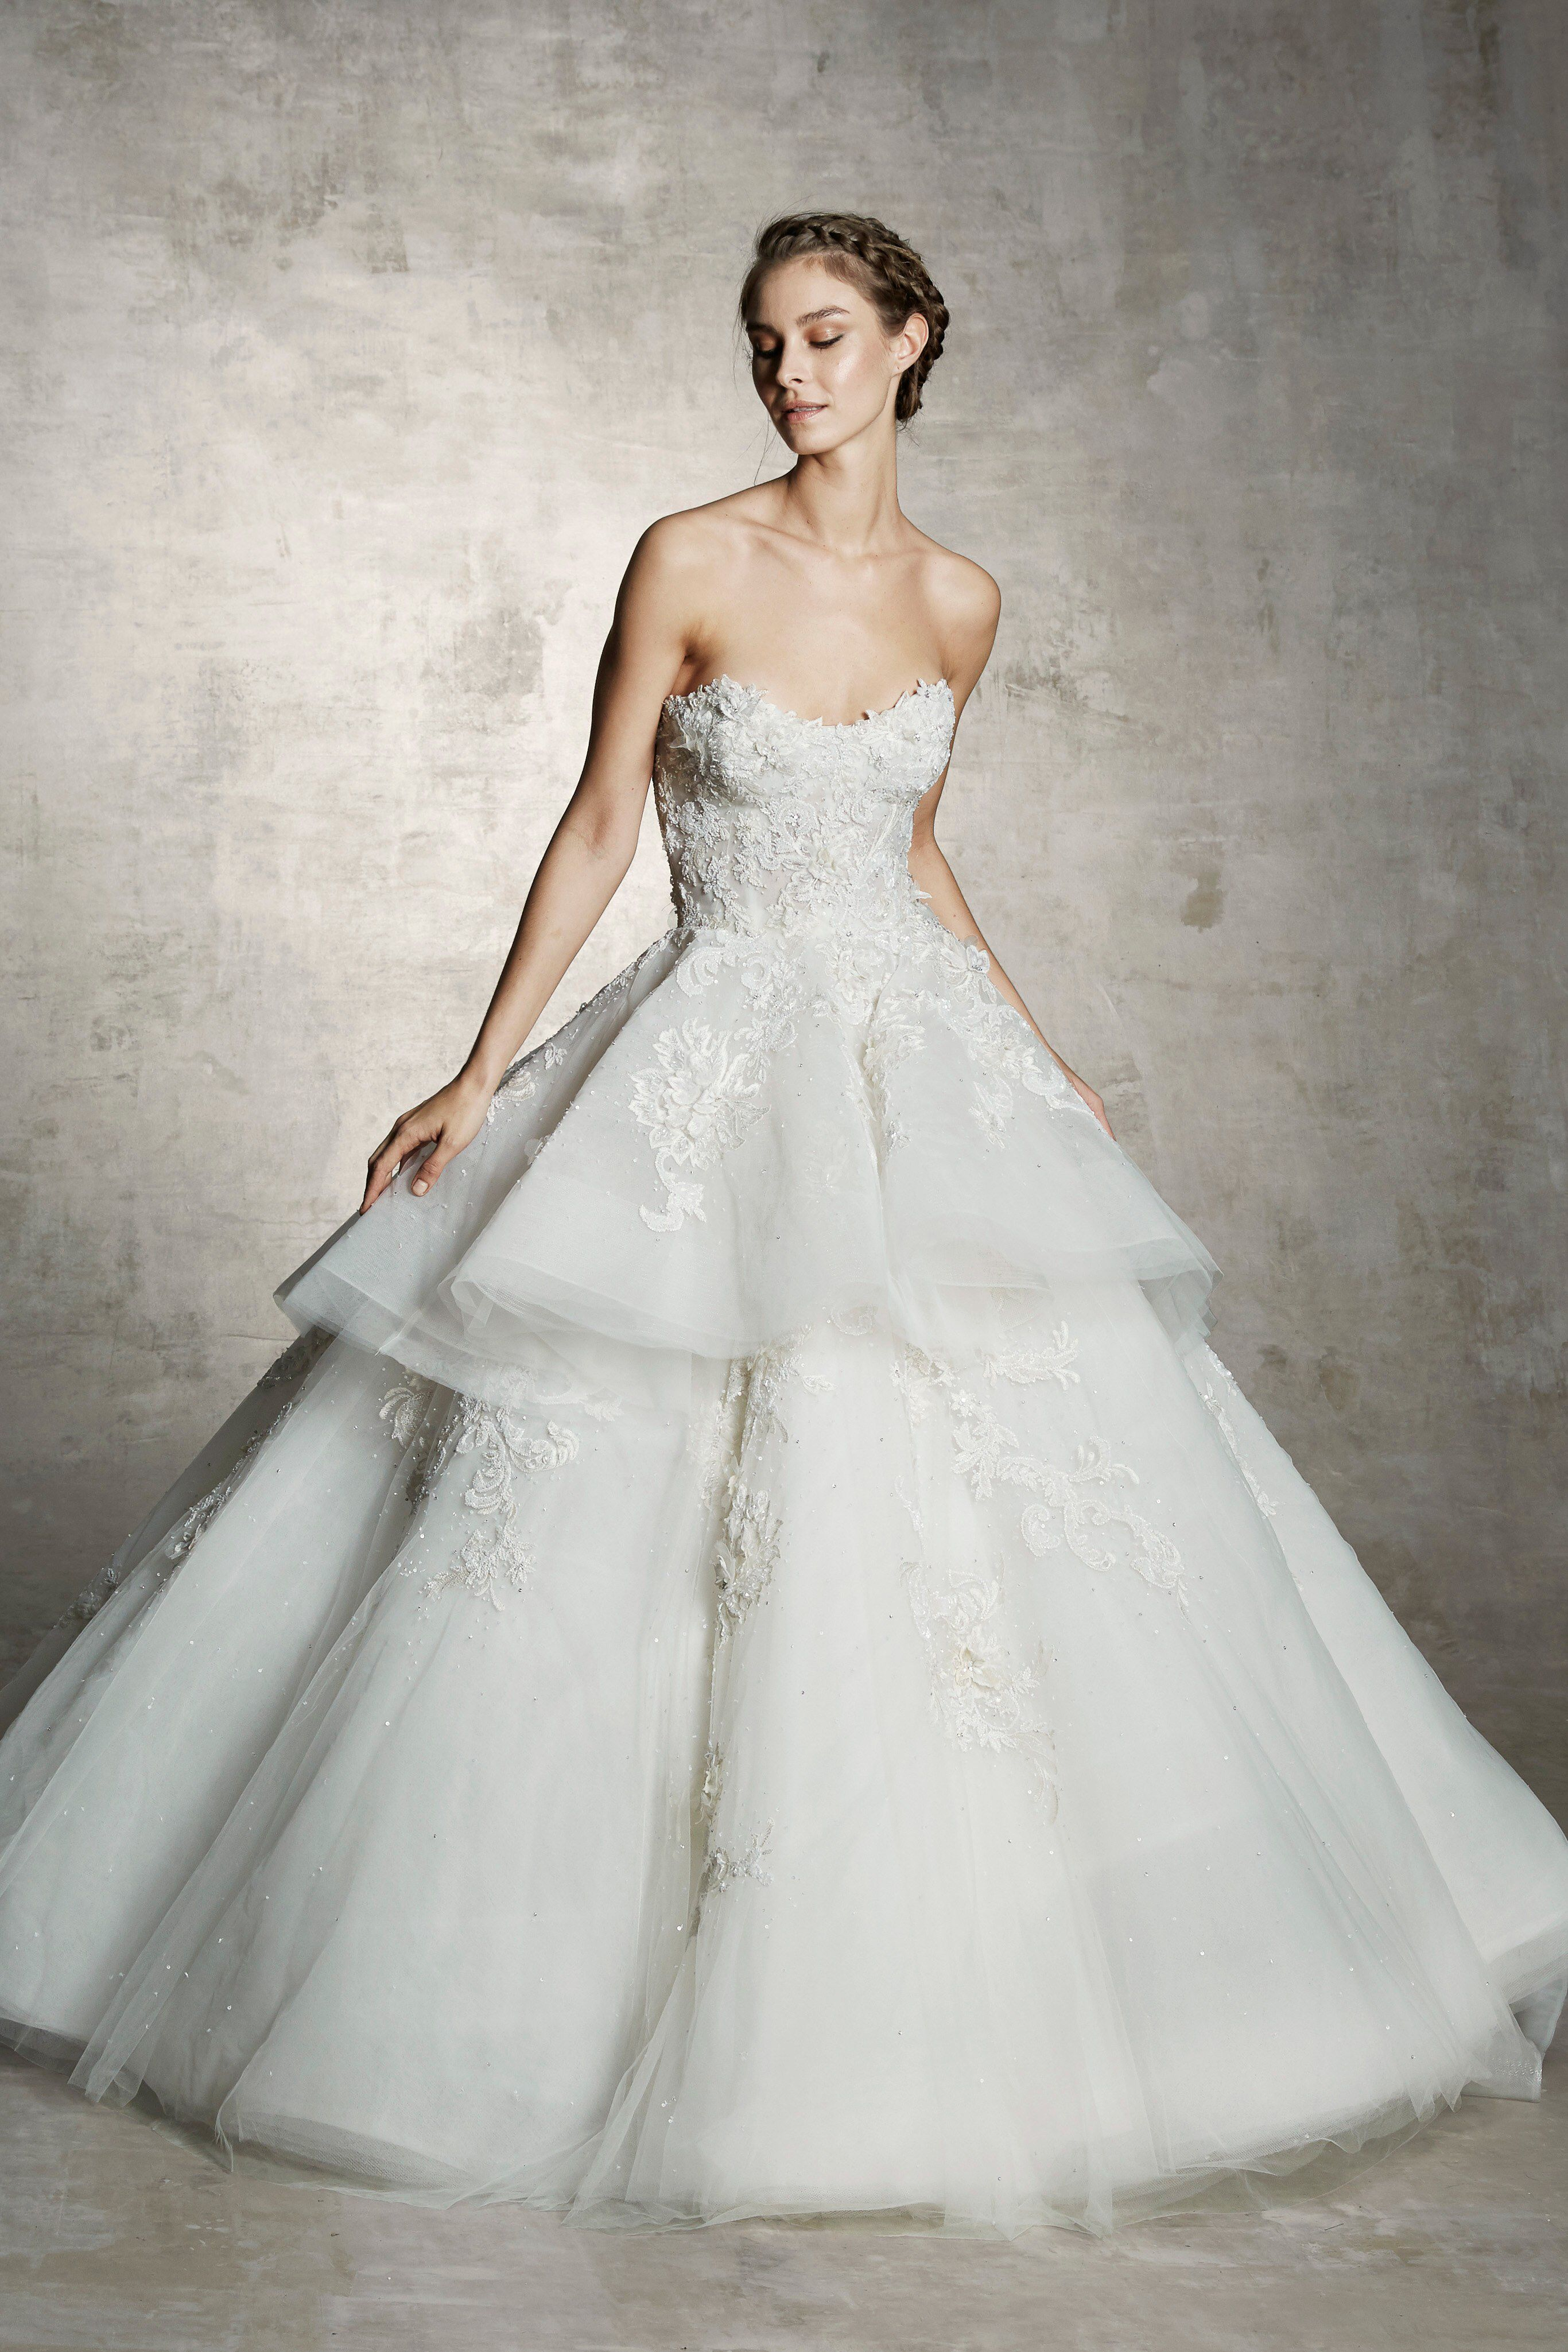 Tolle Hochzeitskleid Geschäfte Kent Fotos - Hochzeit Kleid Stile ...